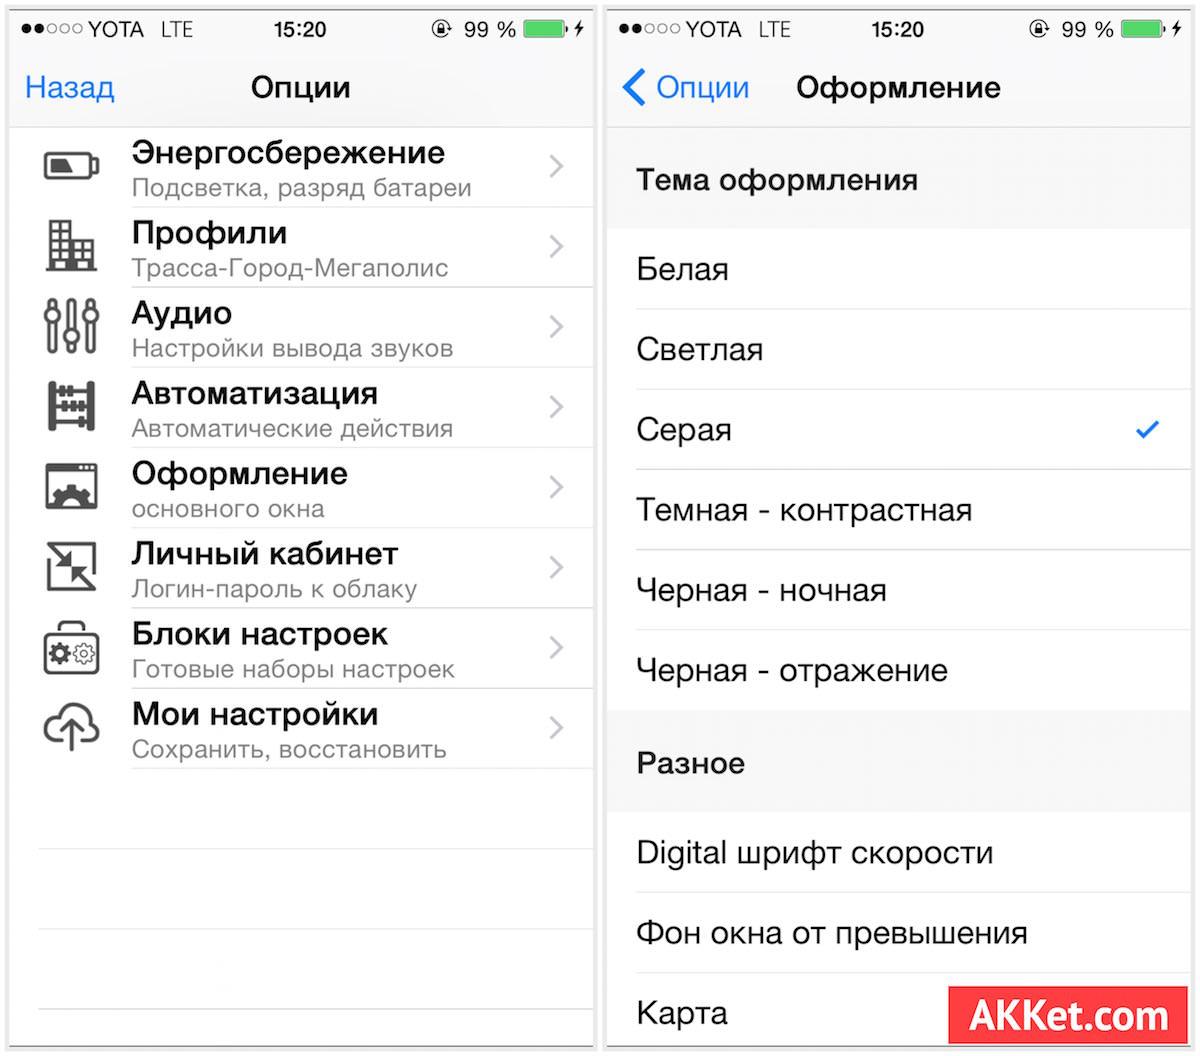 istrelka app store ios iphone ipad russia 5